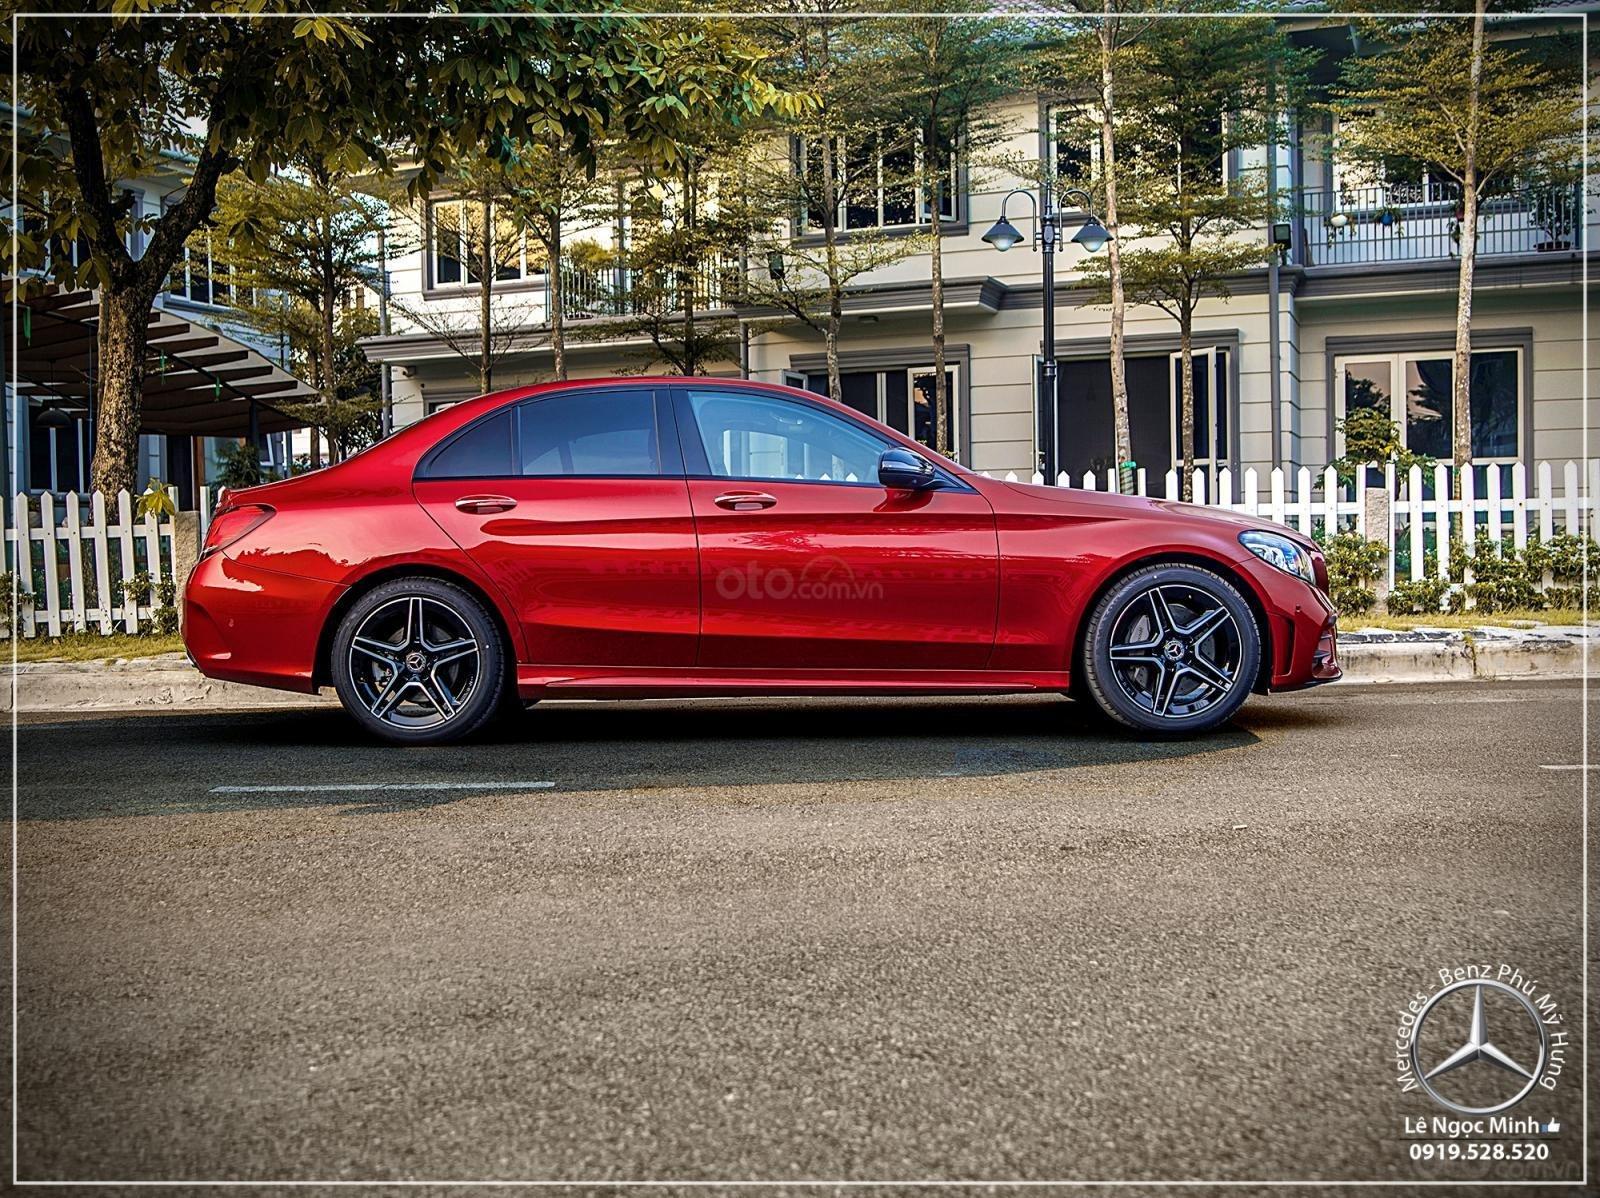 Mercedes-Benz C300 AMG Model 2020 - Ưu đãi đến 100% thuế trước bạ - hỗ trợ bank 80%, LH: 0919 528 520 (3)